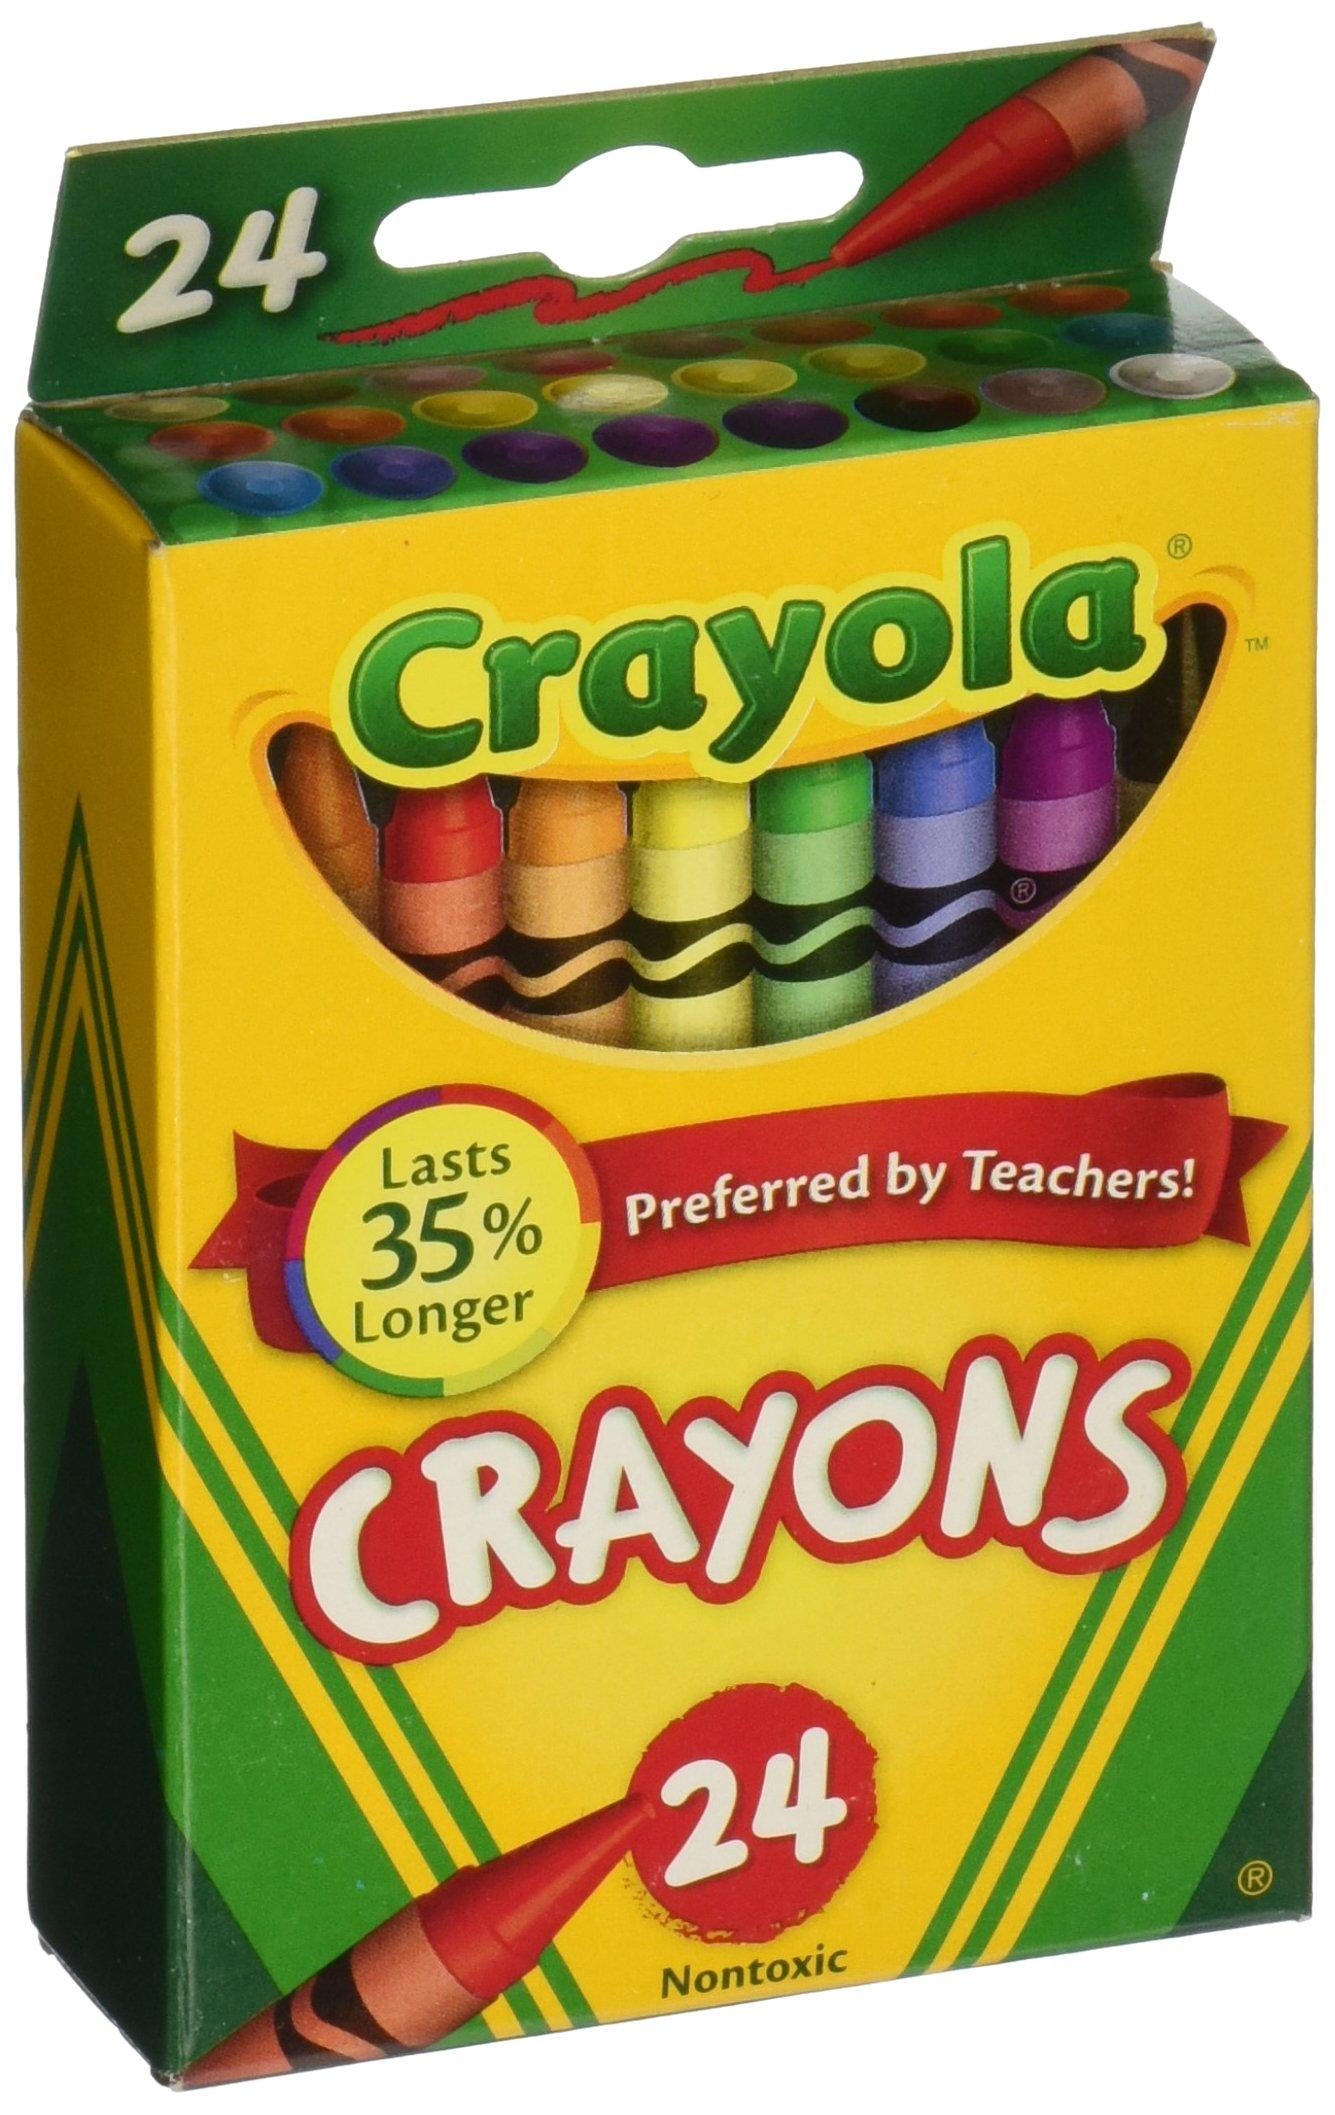 Crayola Crayons 24 Count, 6 Pack (52-0024-6) by Crayola